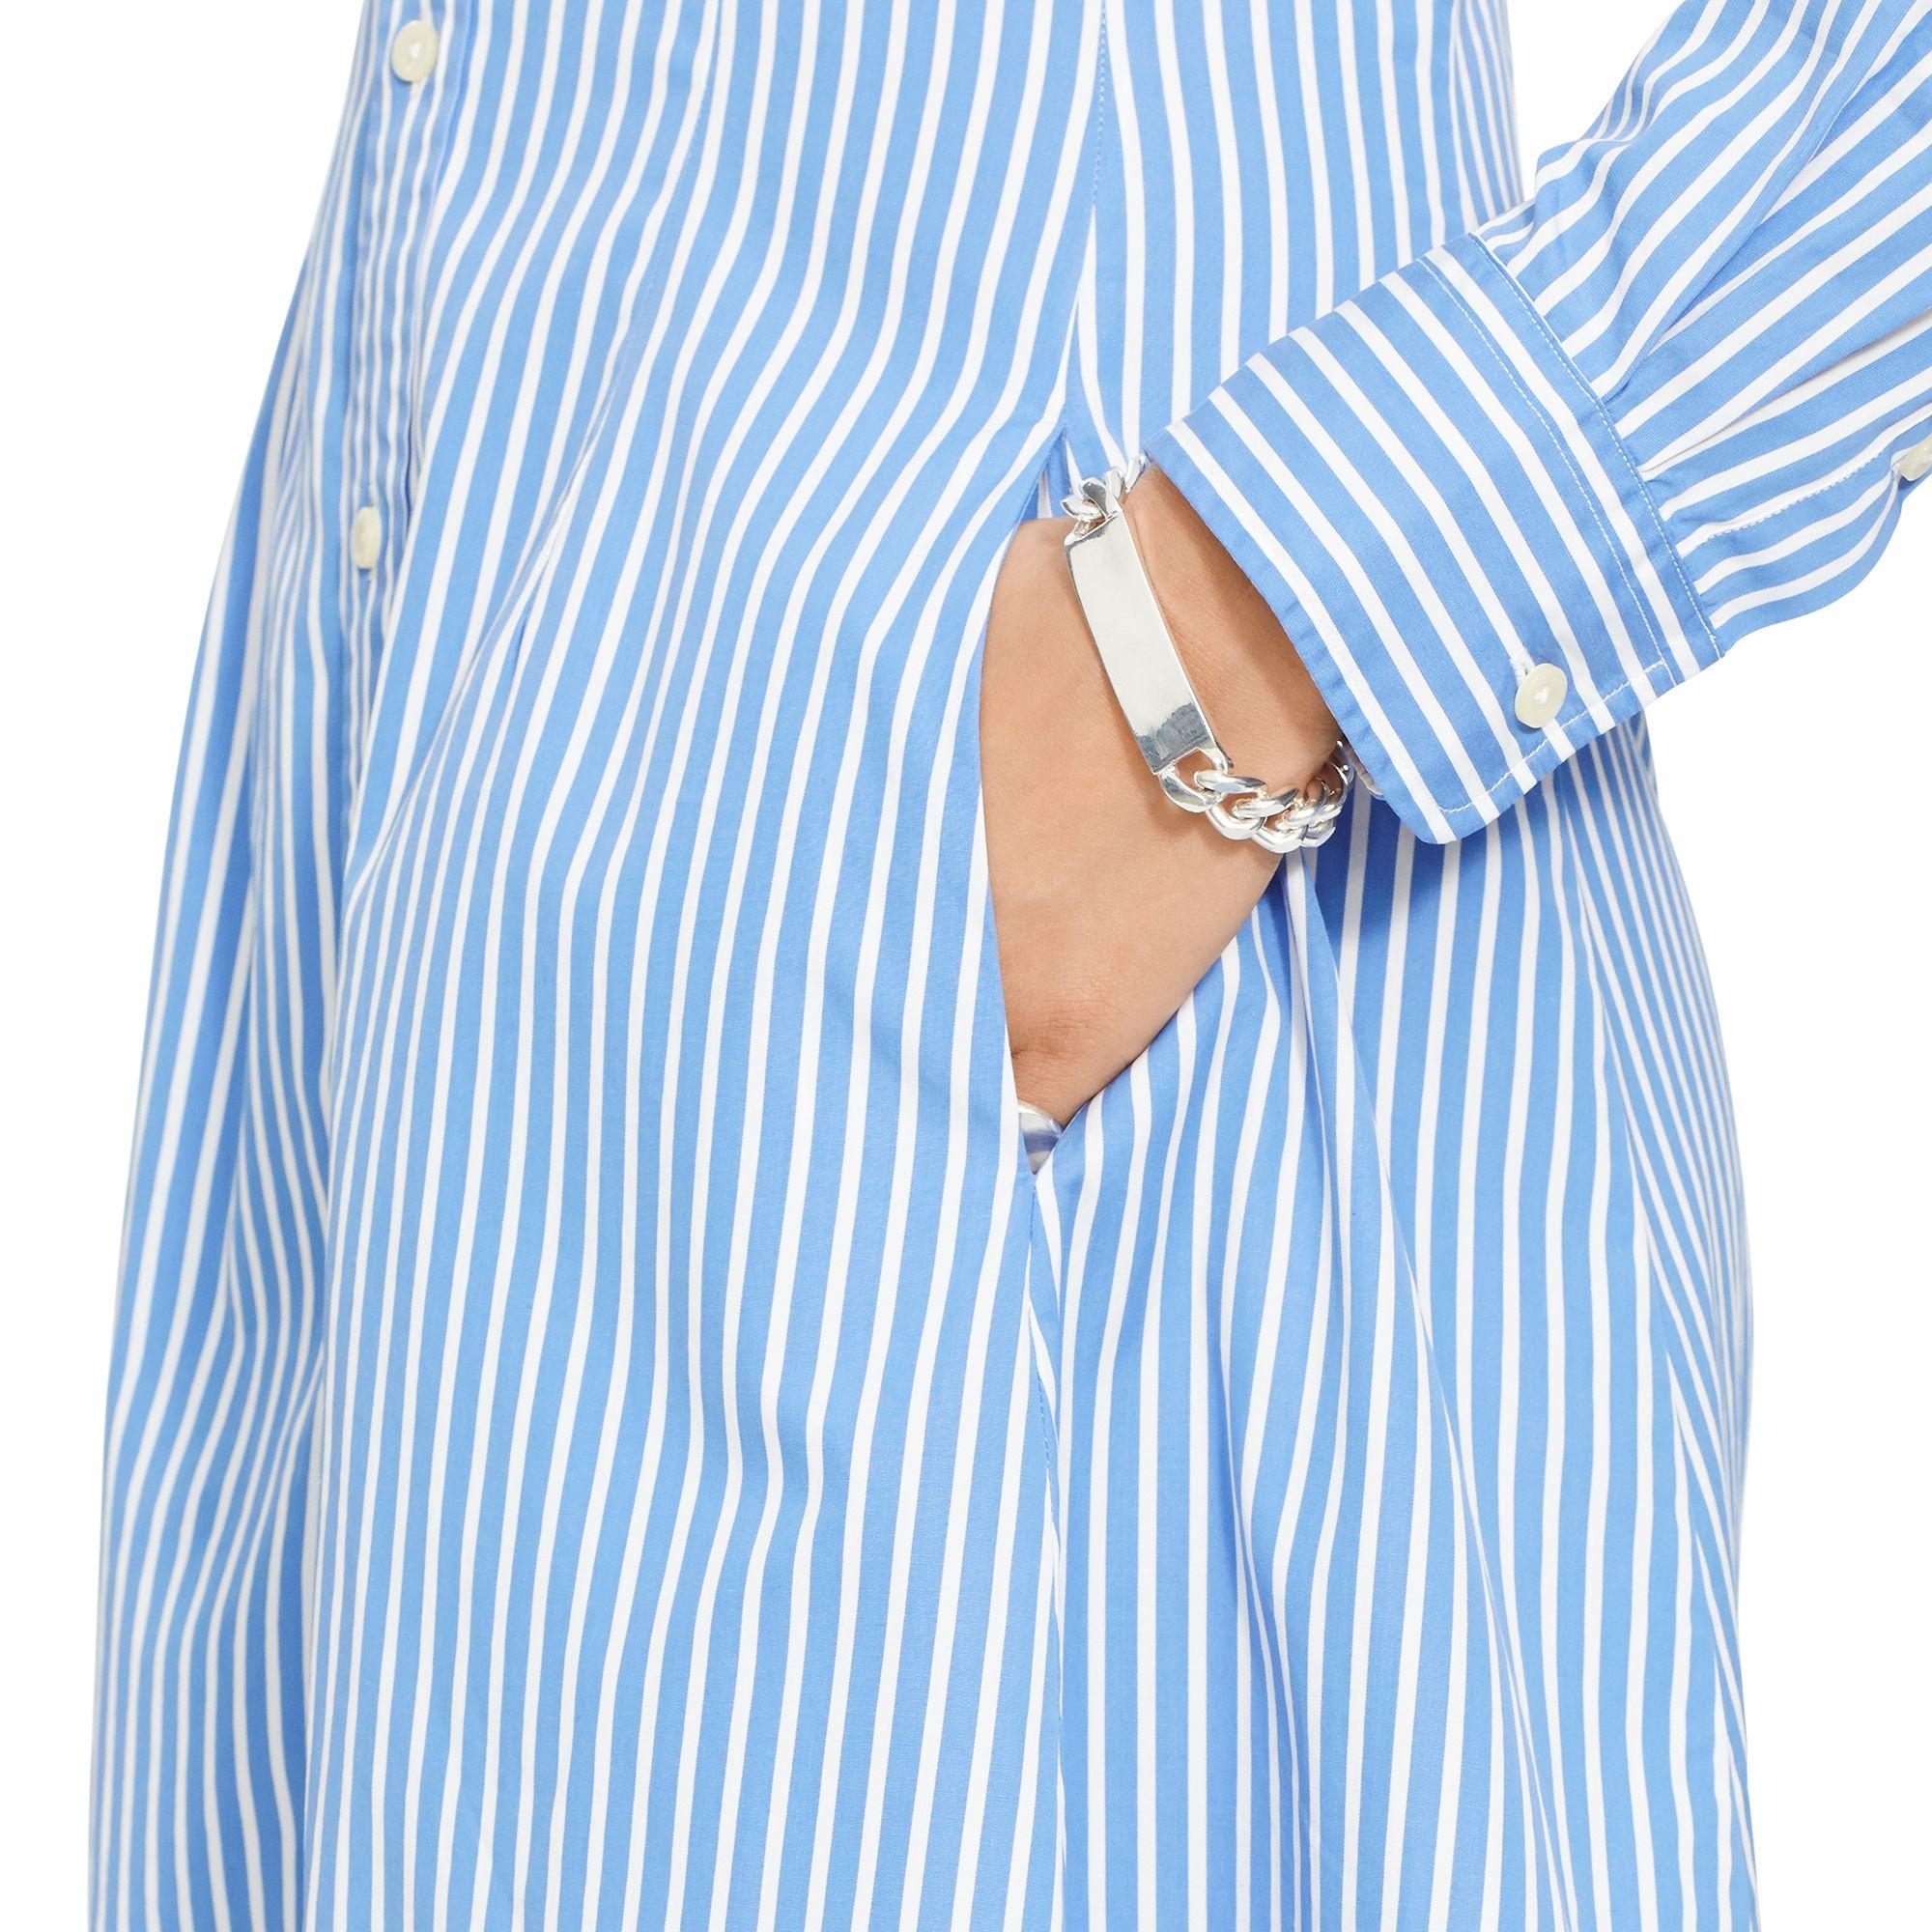 8f8297b099d Polo Ralph Lauren Dori Long Sleeve Striped Shirt Dress